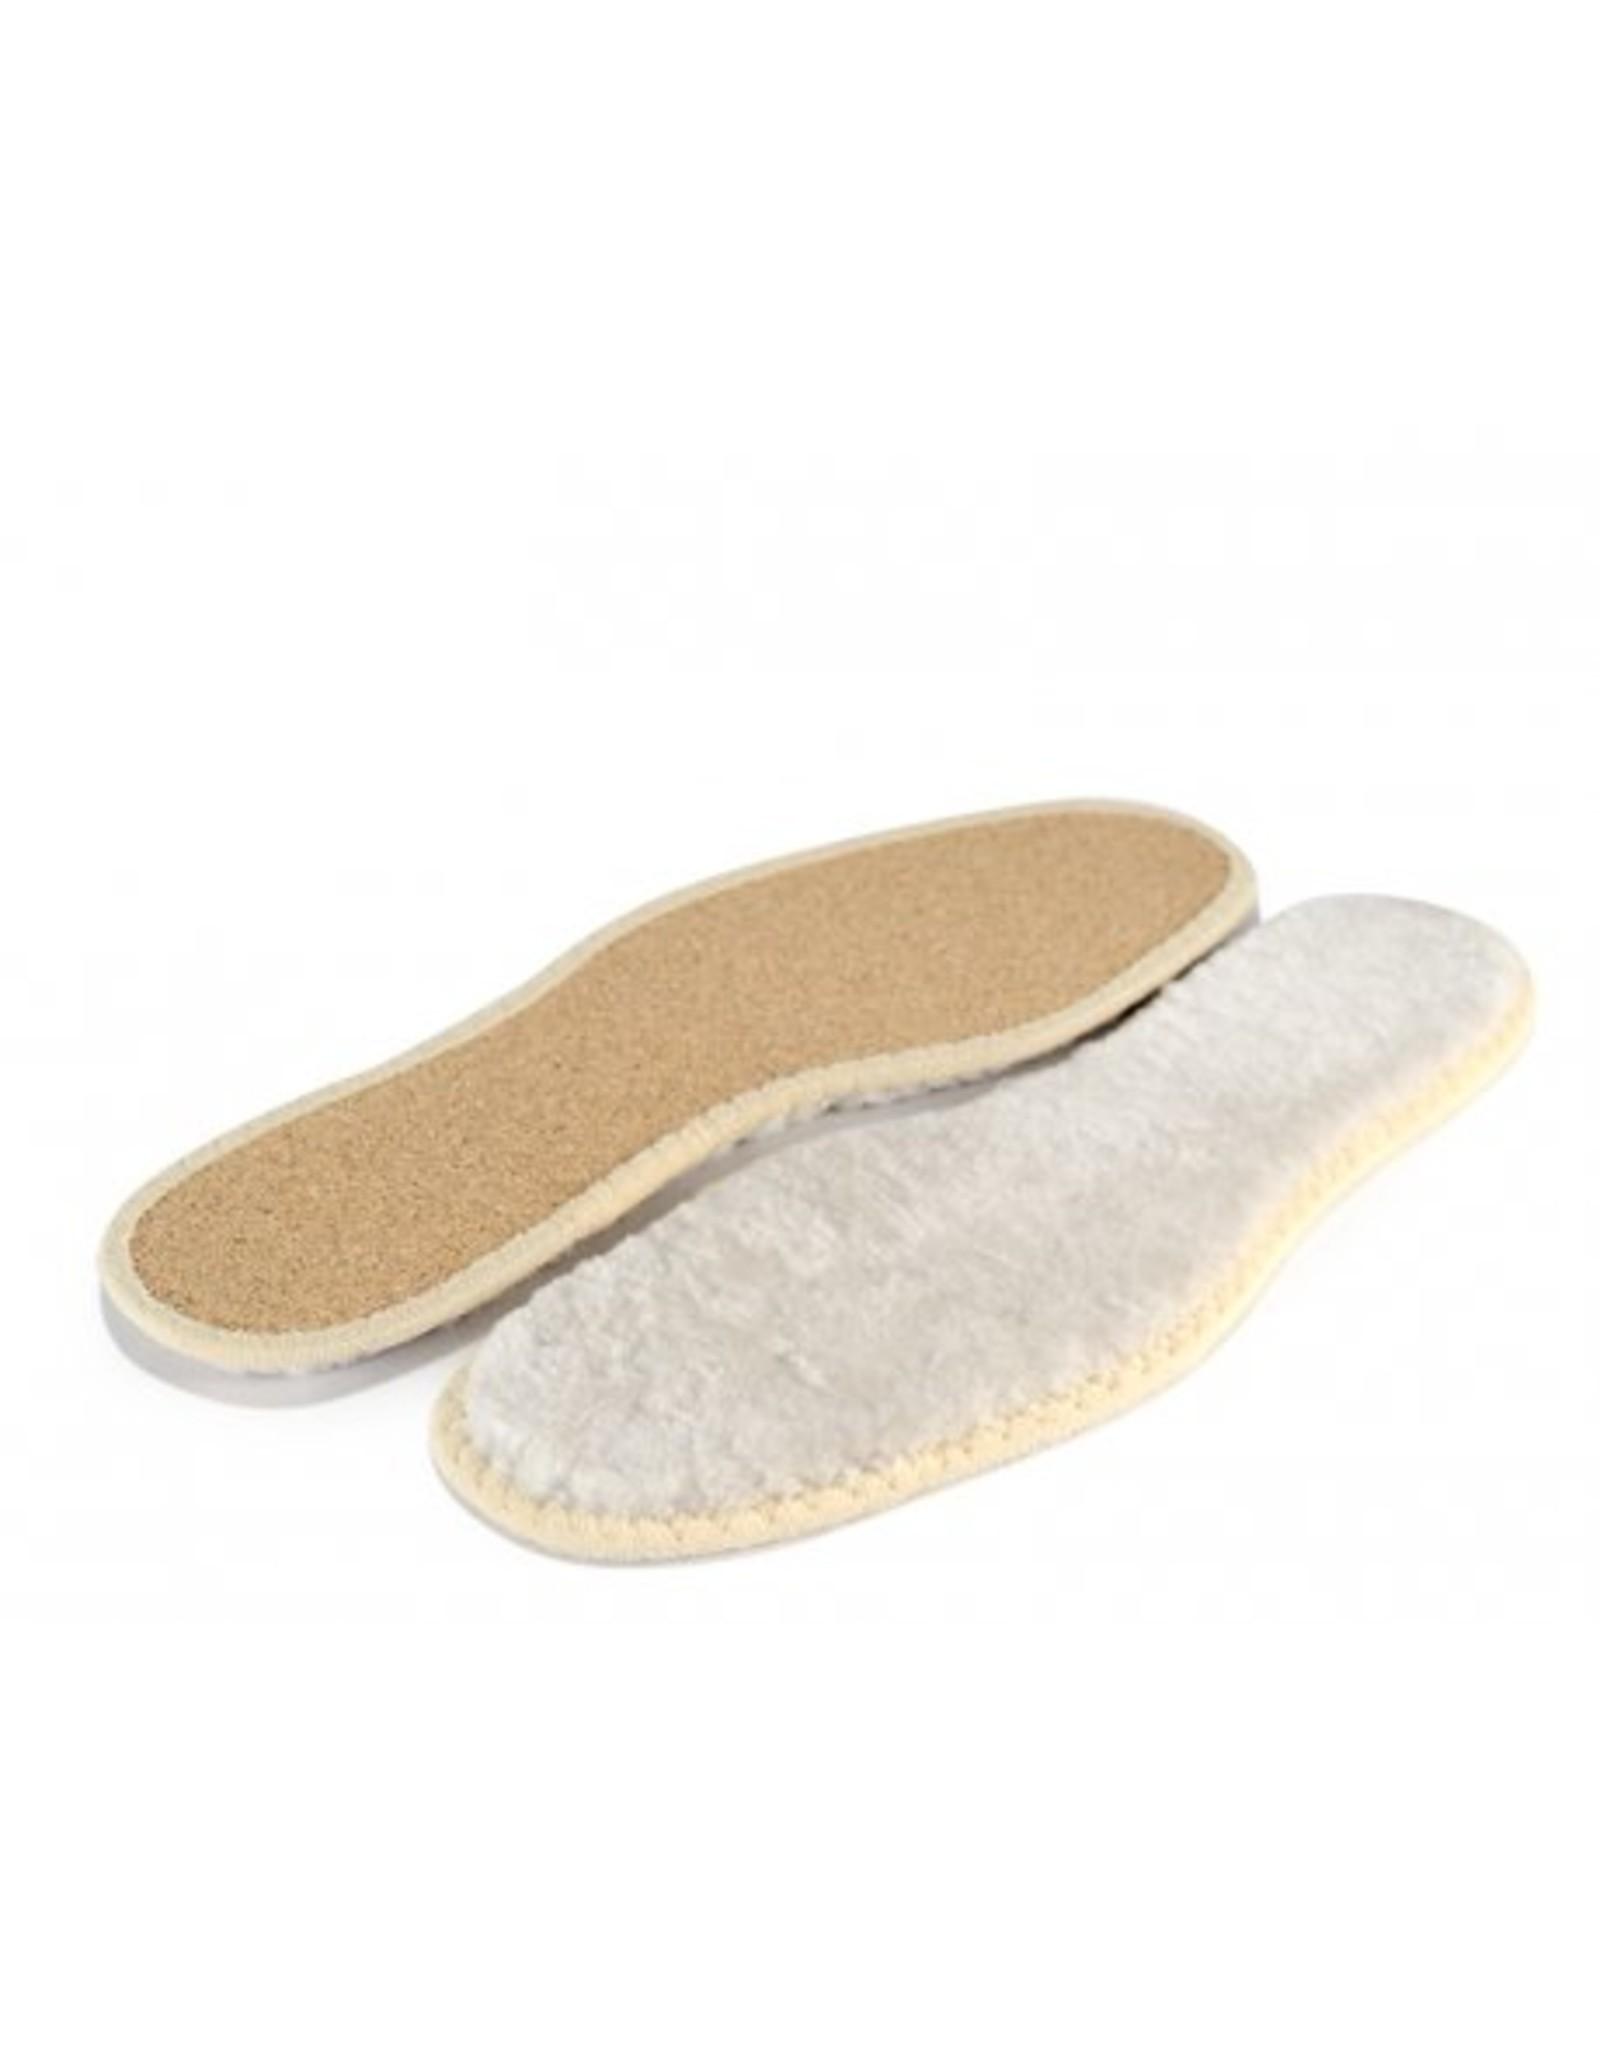 Semelles d'hiver PASCHA - fausses semelles pour les bottes